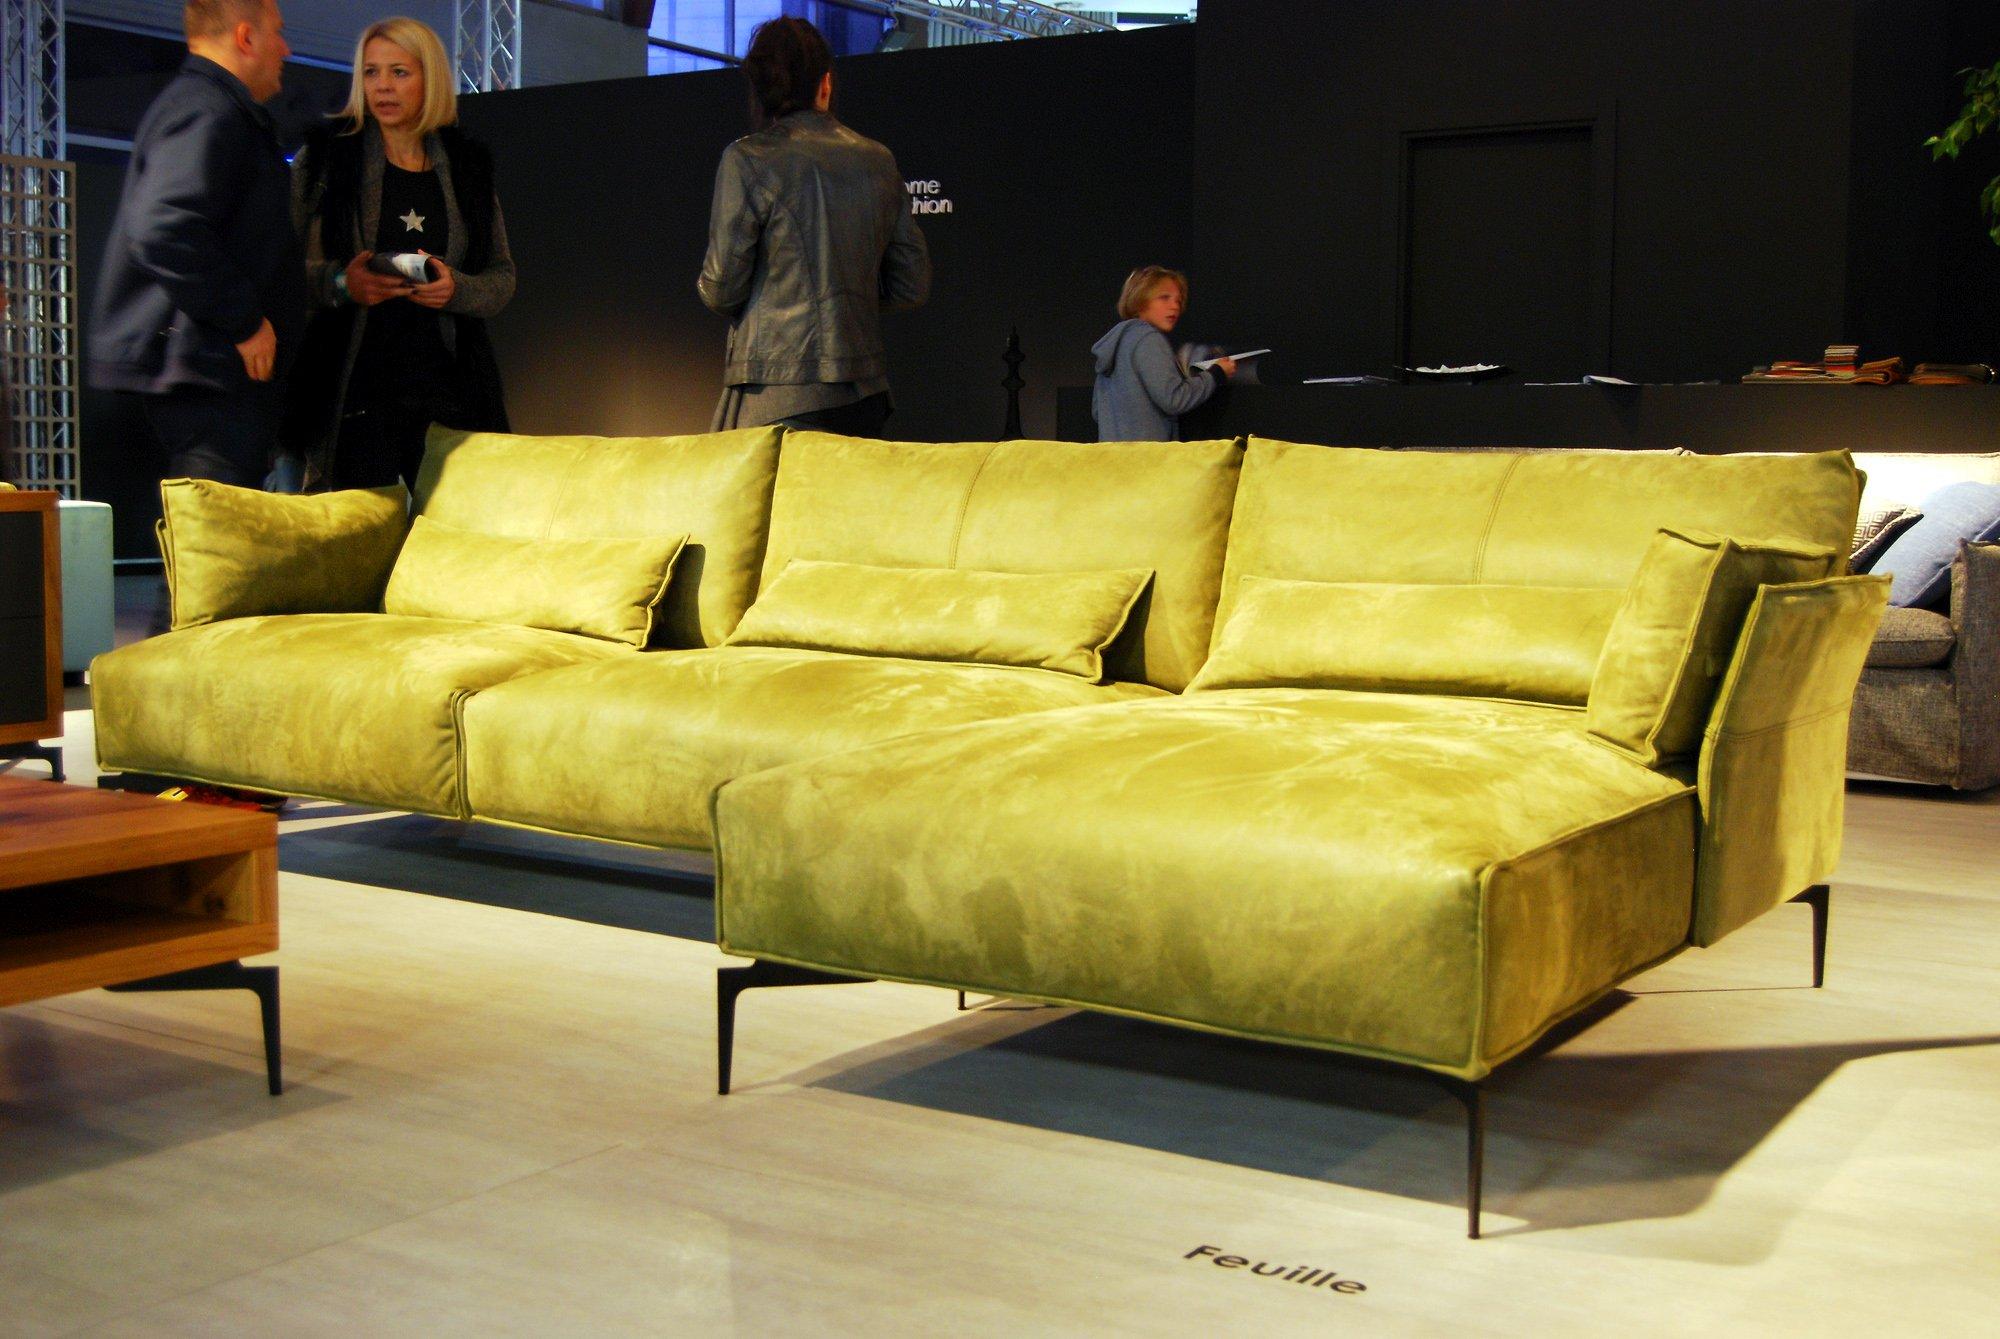 CATRA_zelena sofa_salon namestaja-2